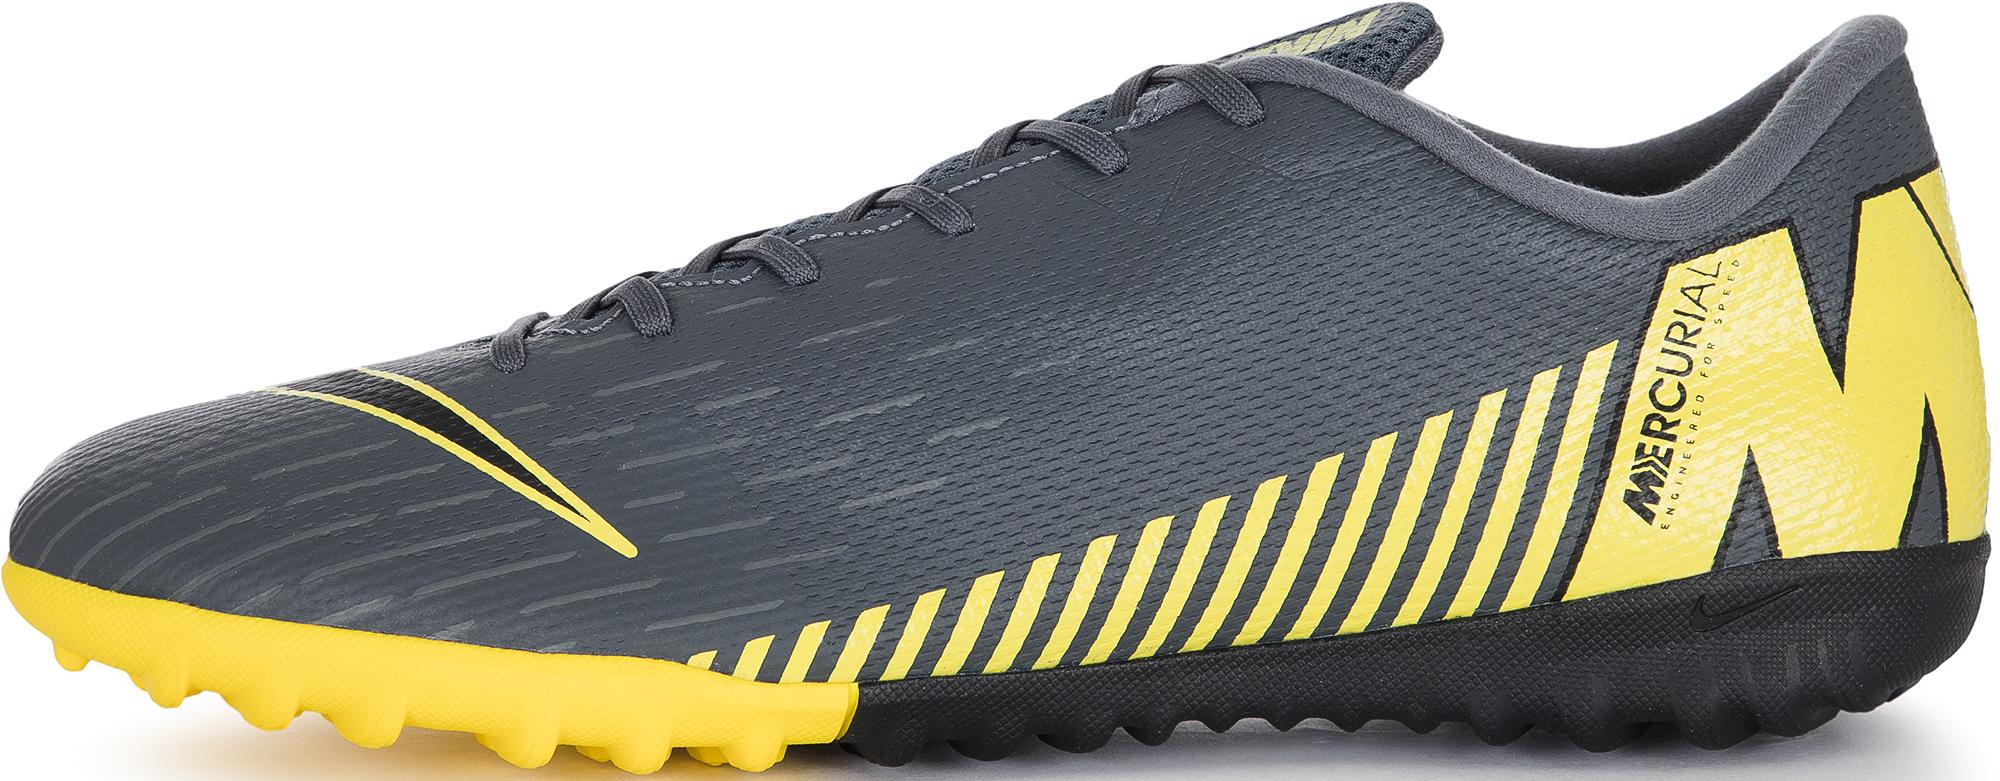 Nike Бутсы мужские Nike Mercurial Vapor 12 Academy TF, размер 44,5 цена 2017